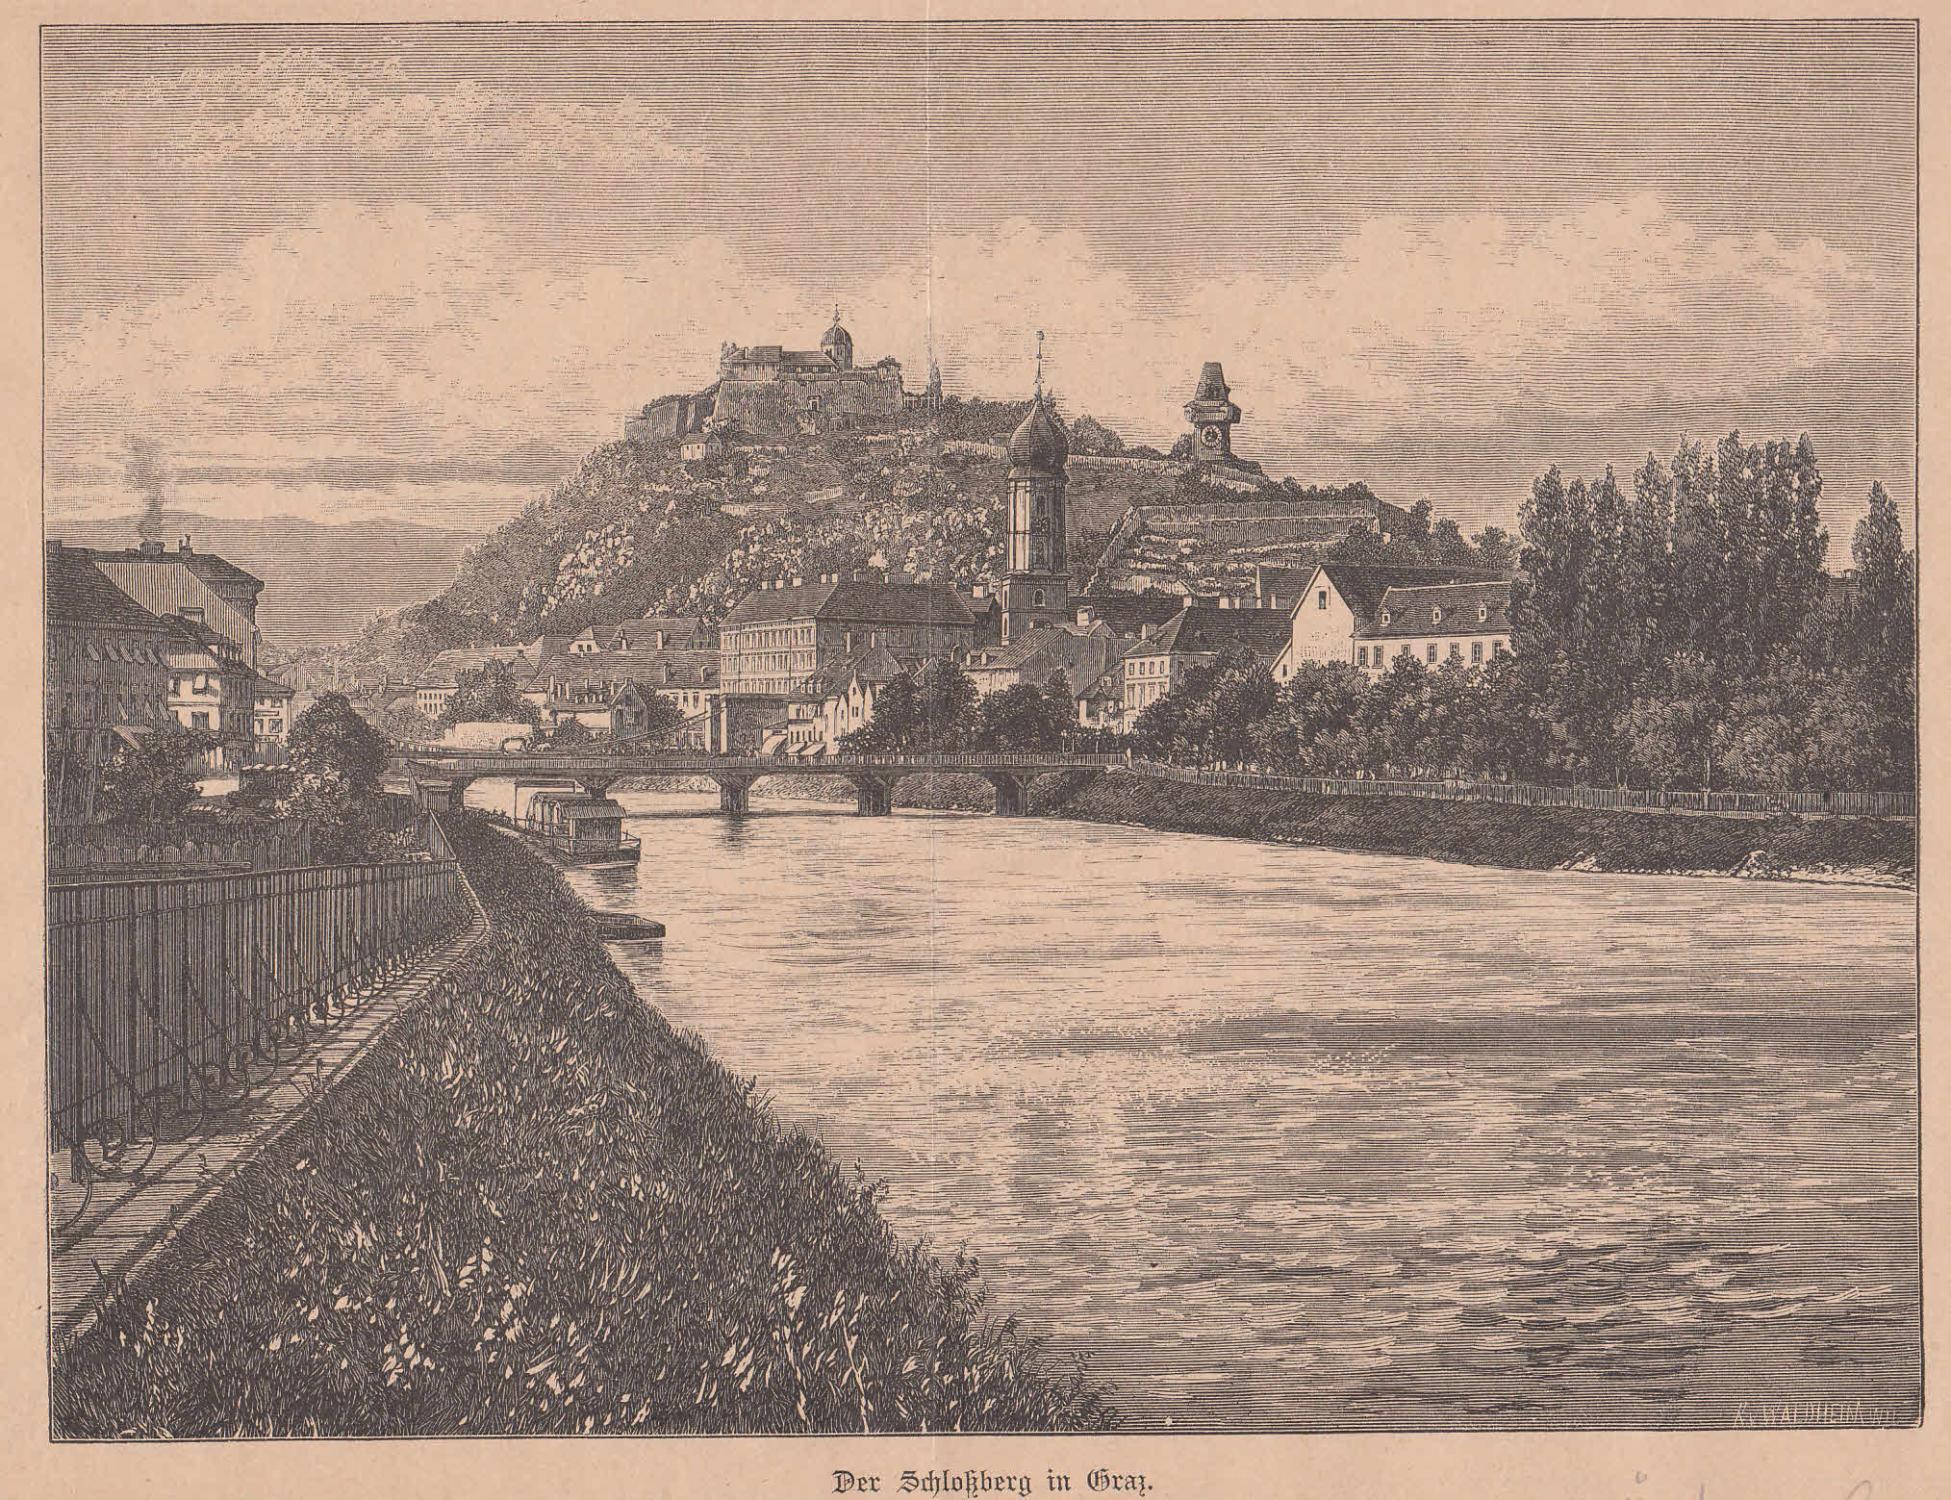 Der Schloßberg vom gegenüberliegenden Ufer der Mur: Graz,